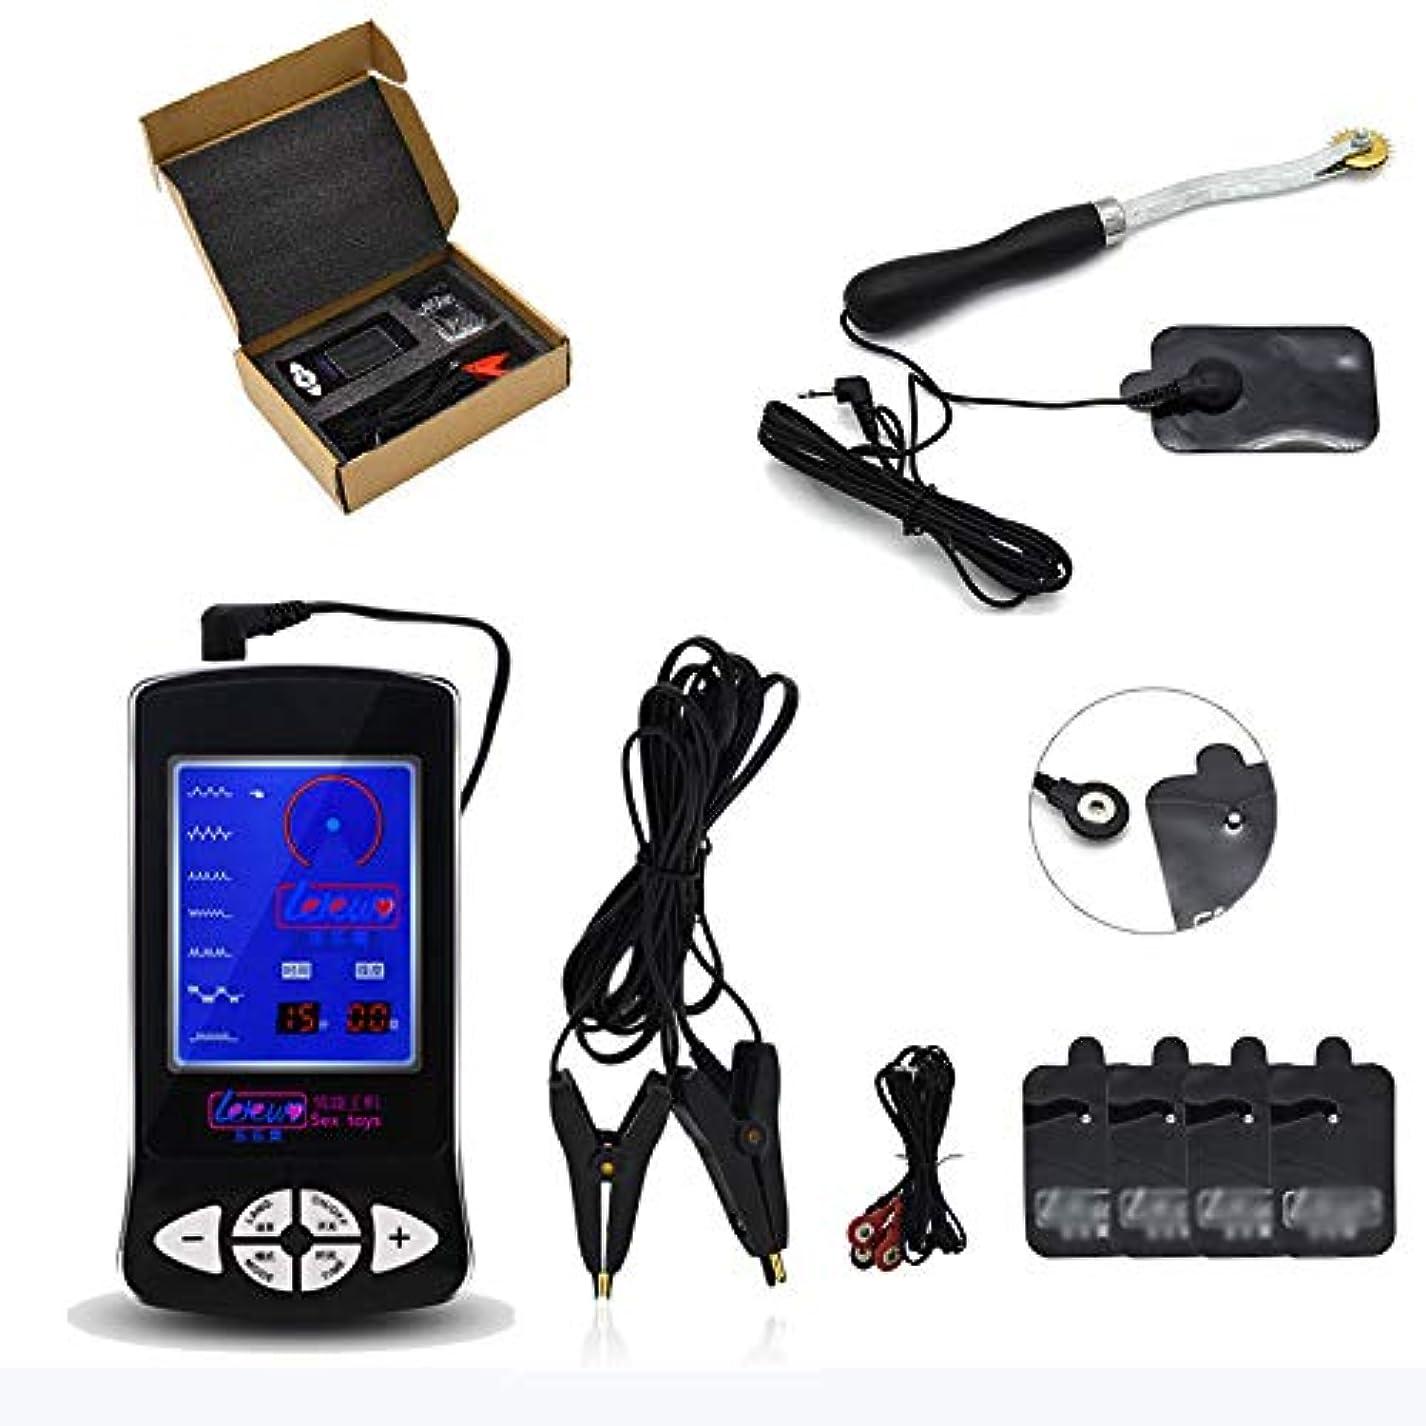 柔らかさアレイ豪華なマッサージ師Aダウンロード電気、マッサージマッサージディープマッスル小型電気機器